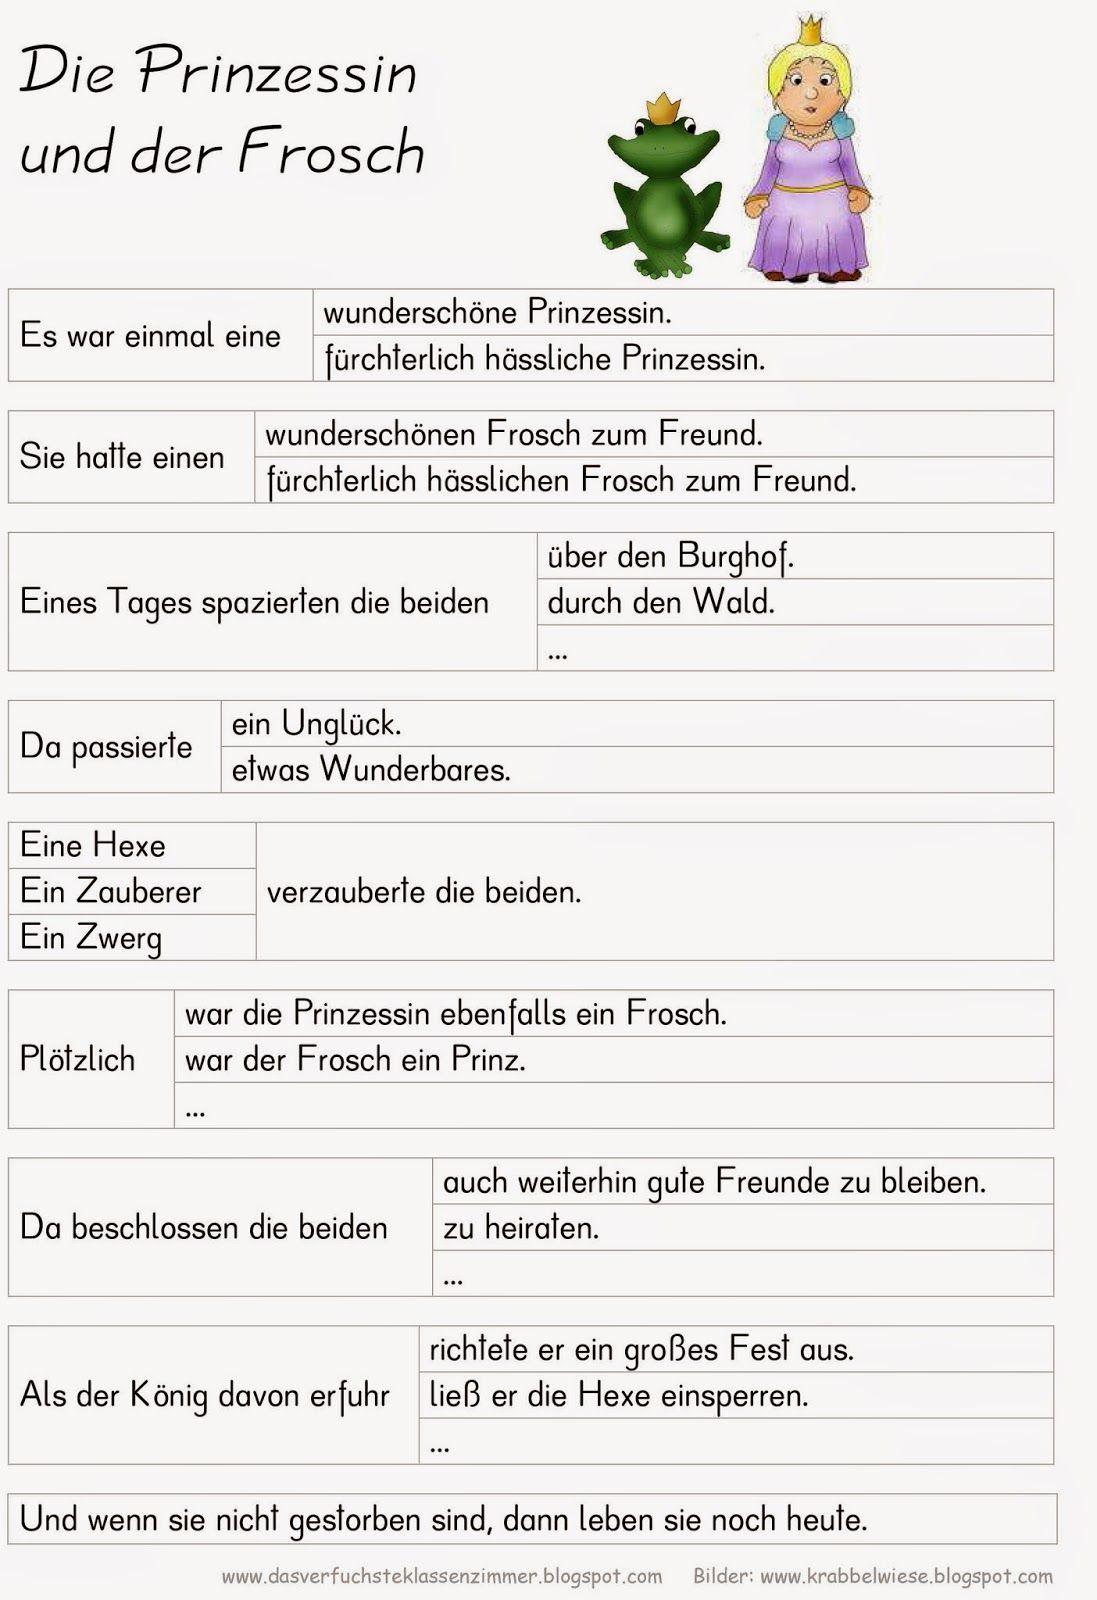 Entscheidungsgeschichte - Die Prinzessin und der Frosch | Deutsch ...